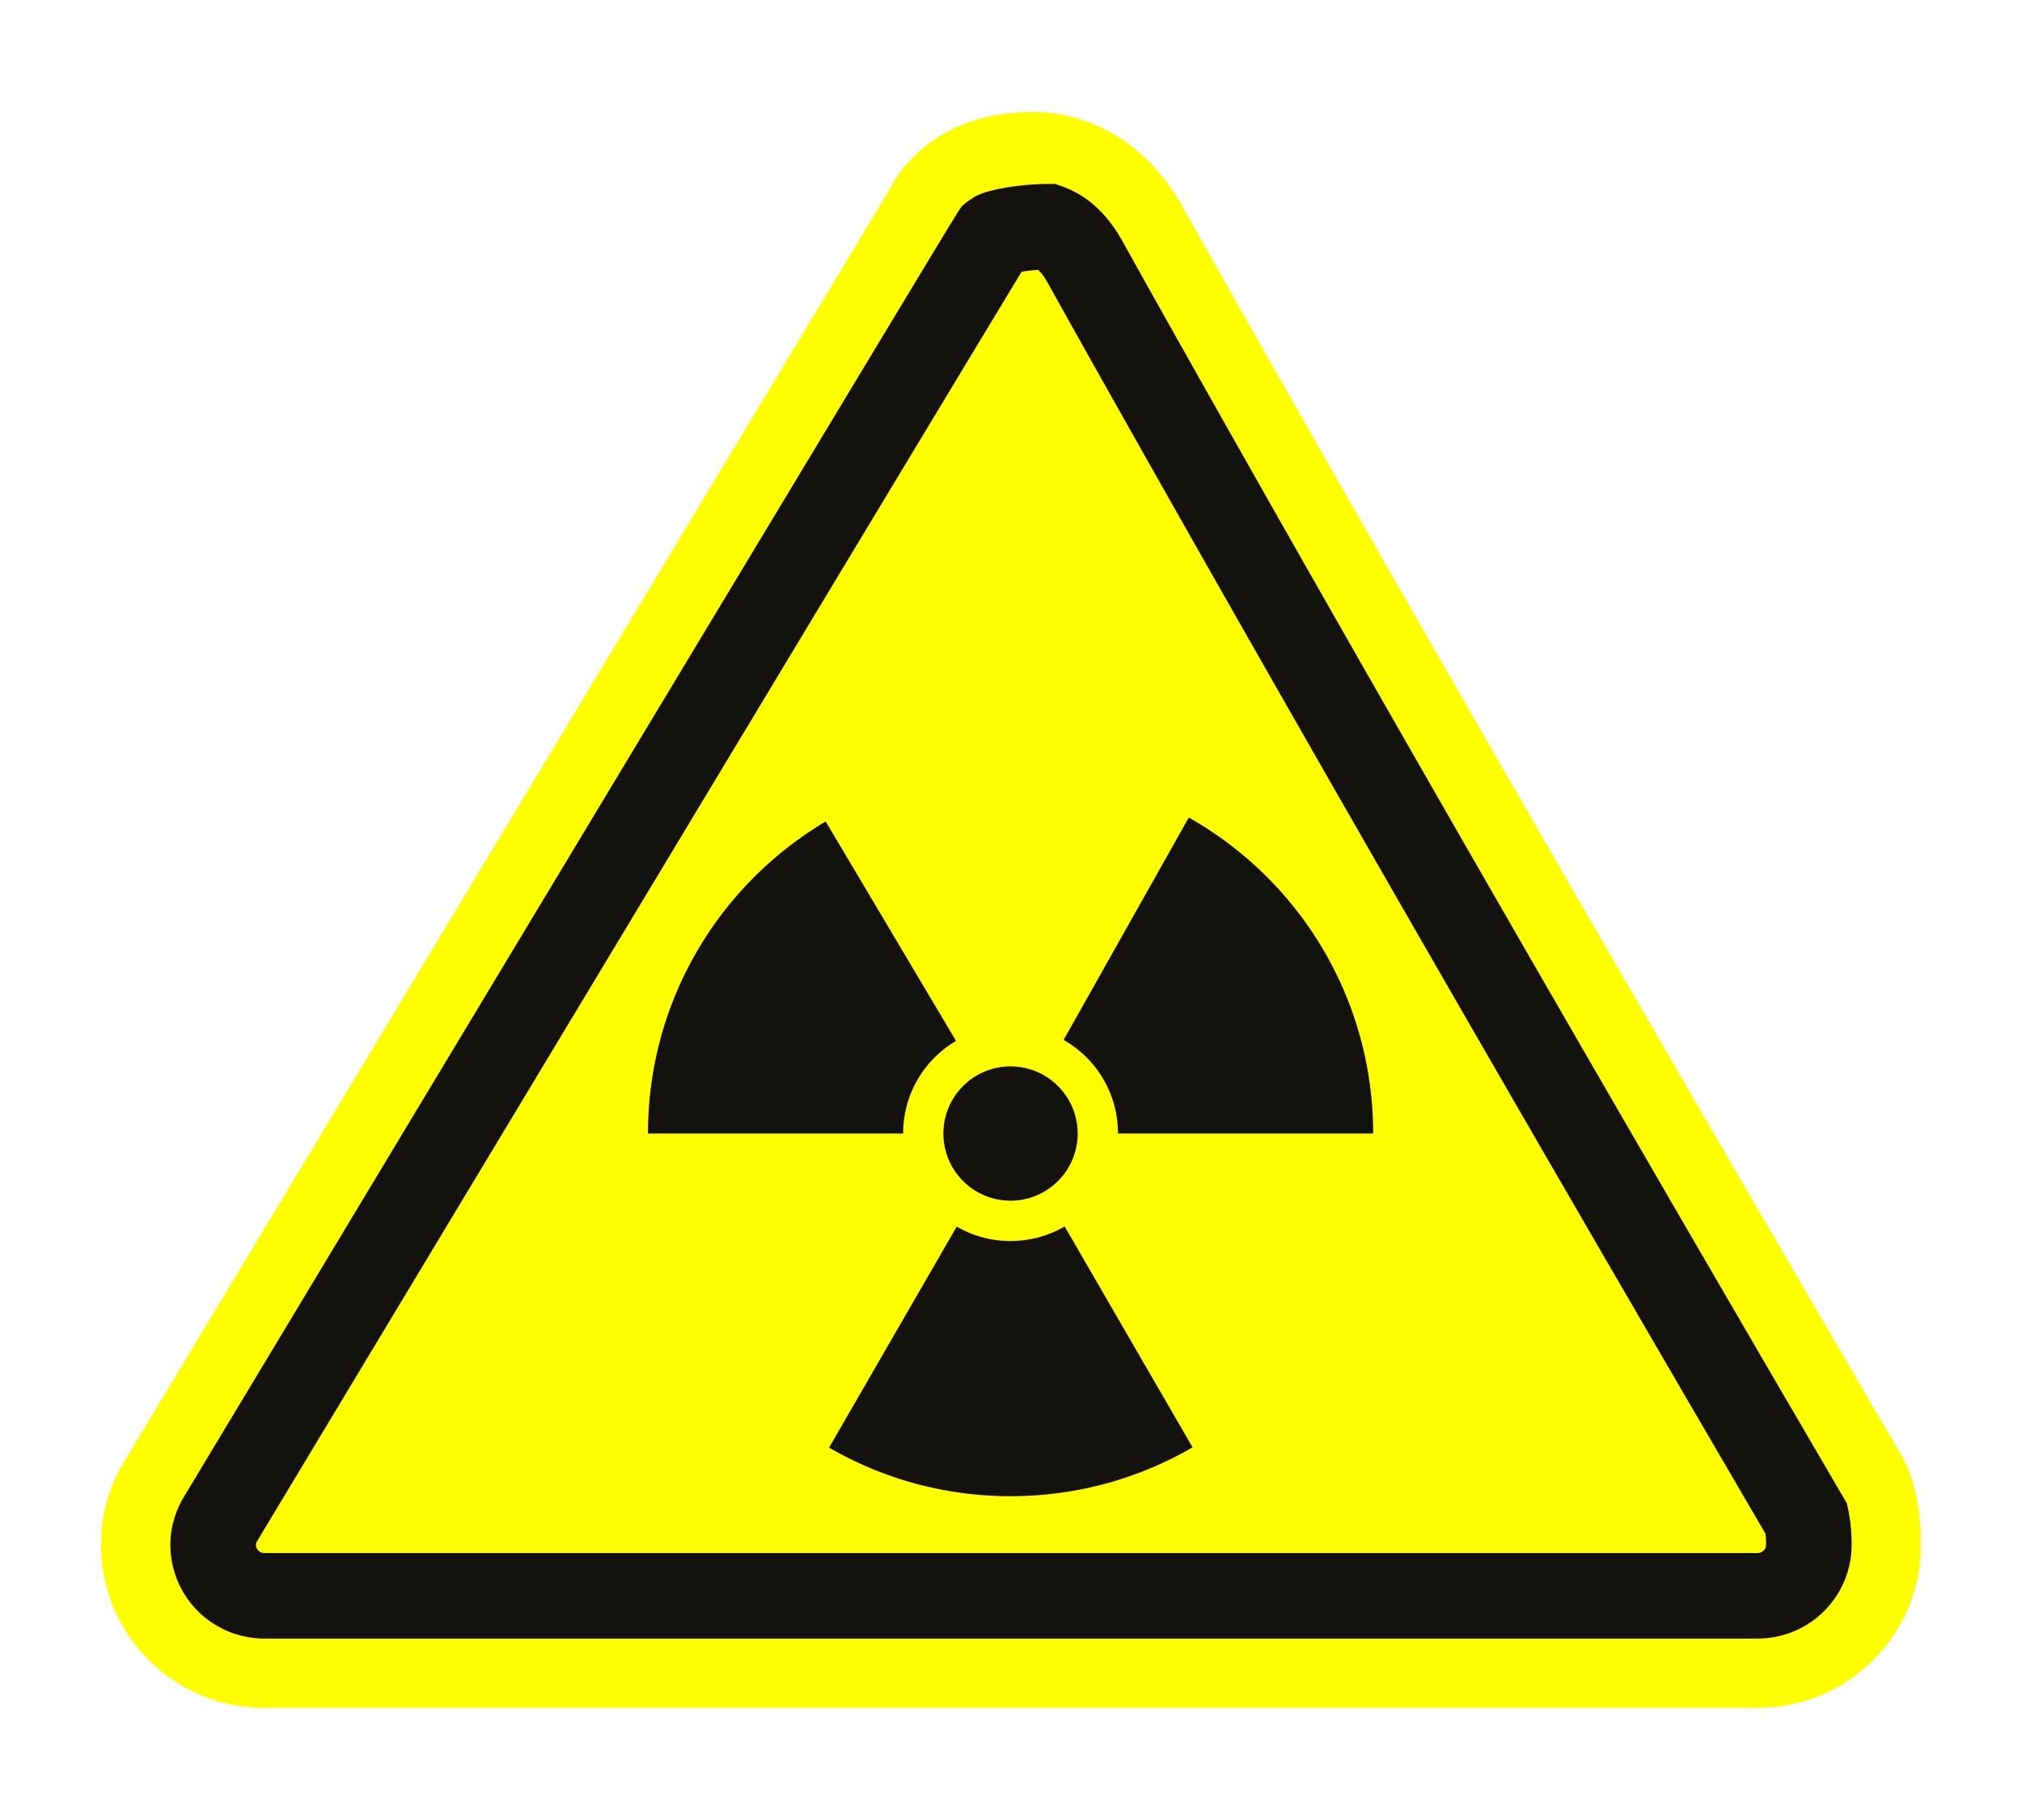 Aufkleber Radioaktive Strahlung dreieckig 70 x 80 mm – Bild 1